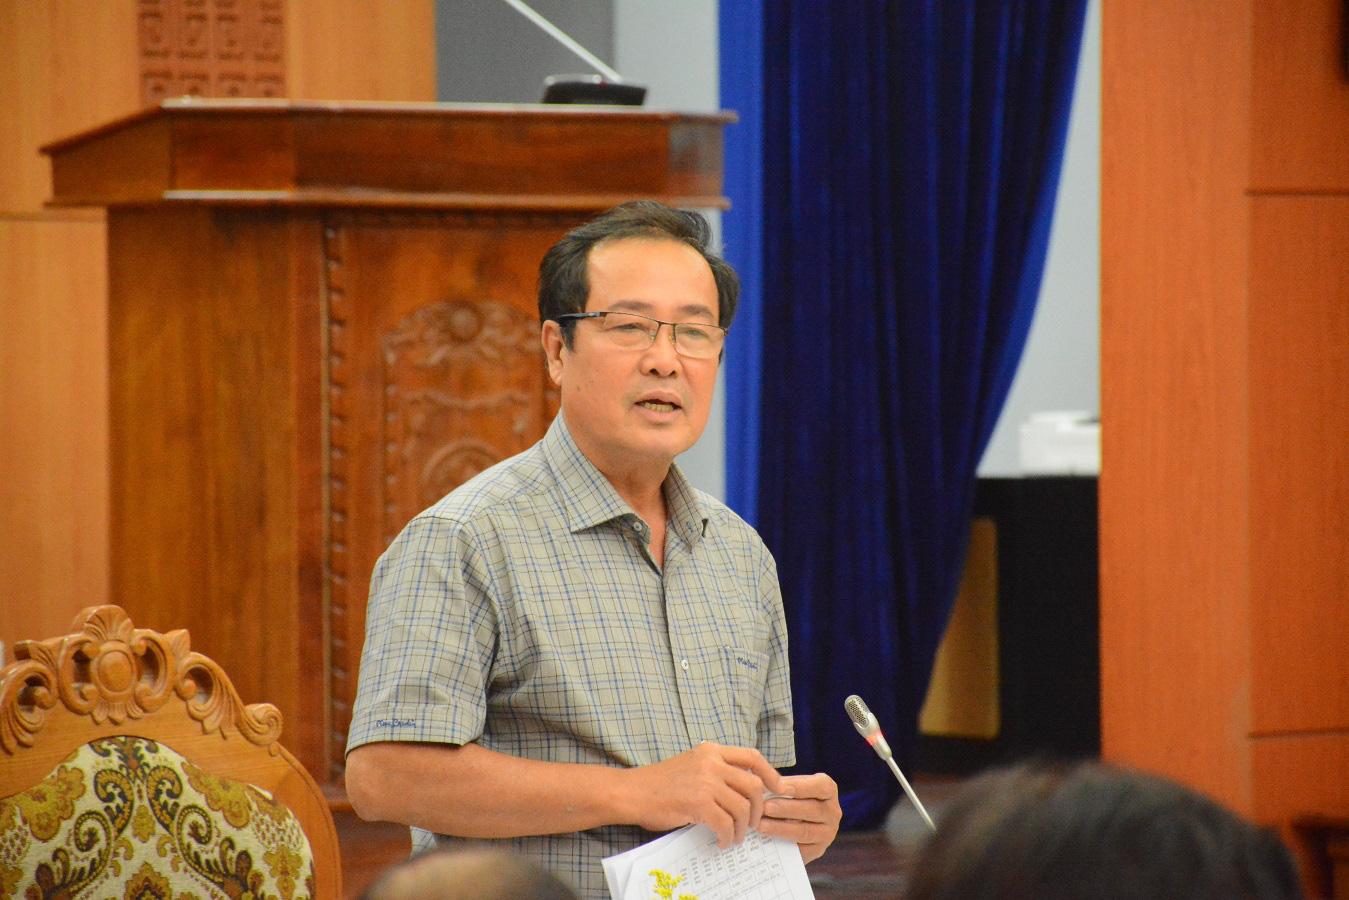 Phó Chủ tịch Quảng Nam xin nghỉ trước tuổi là ai? - Ảnh 1.